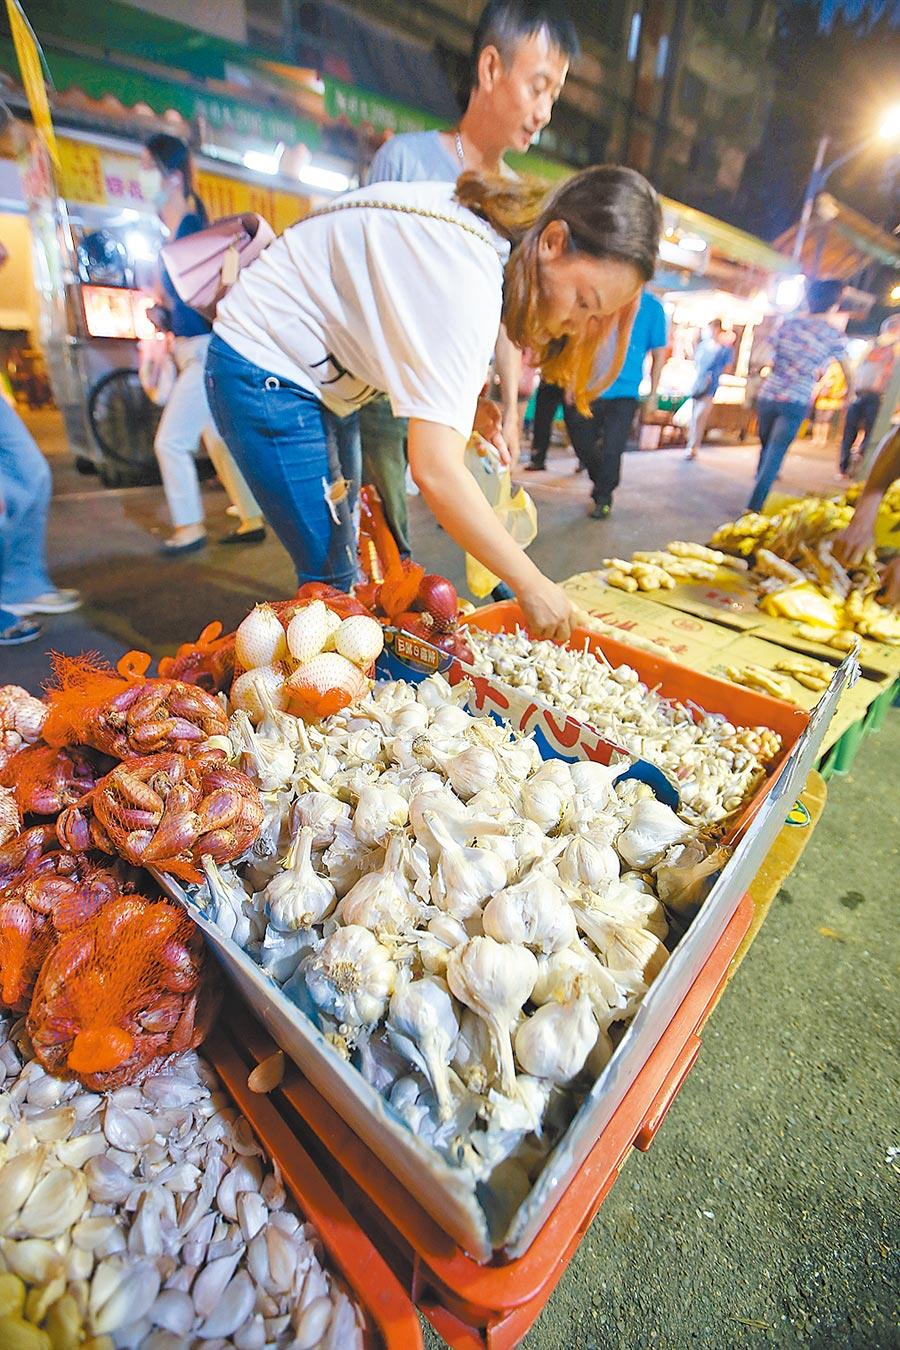 國內大蒜供不應求,攤商表示進貨價格已經由一斤100多元漲至200多元。圖為民眾選購蒜頭畫面。(陳信翰攝)